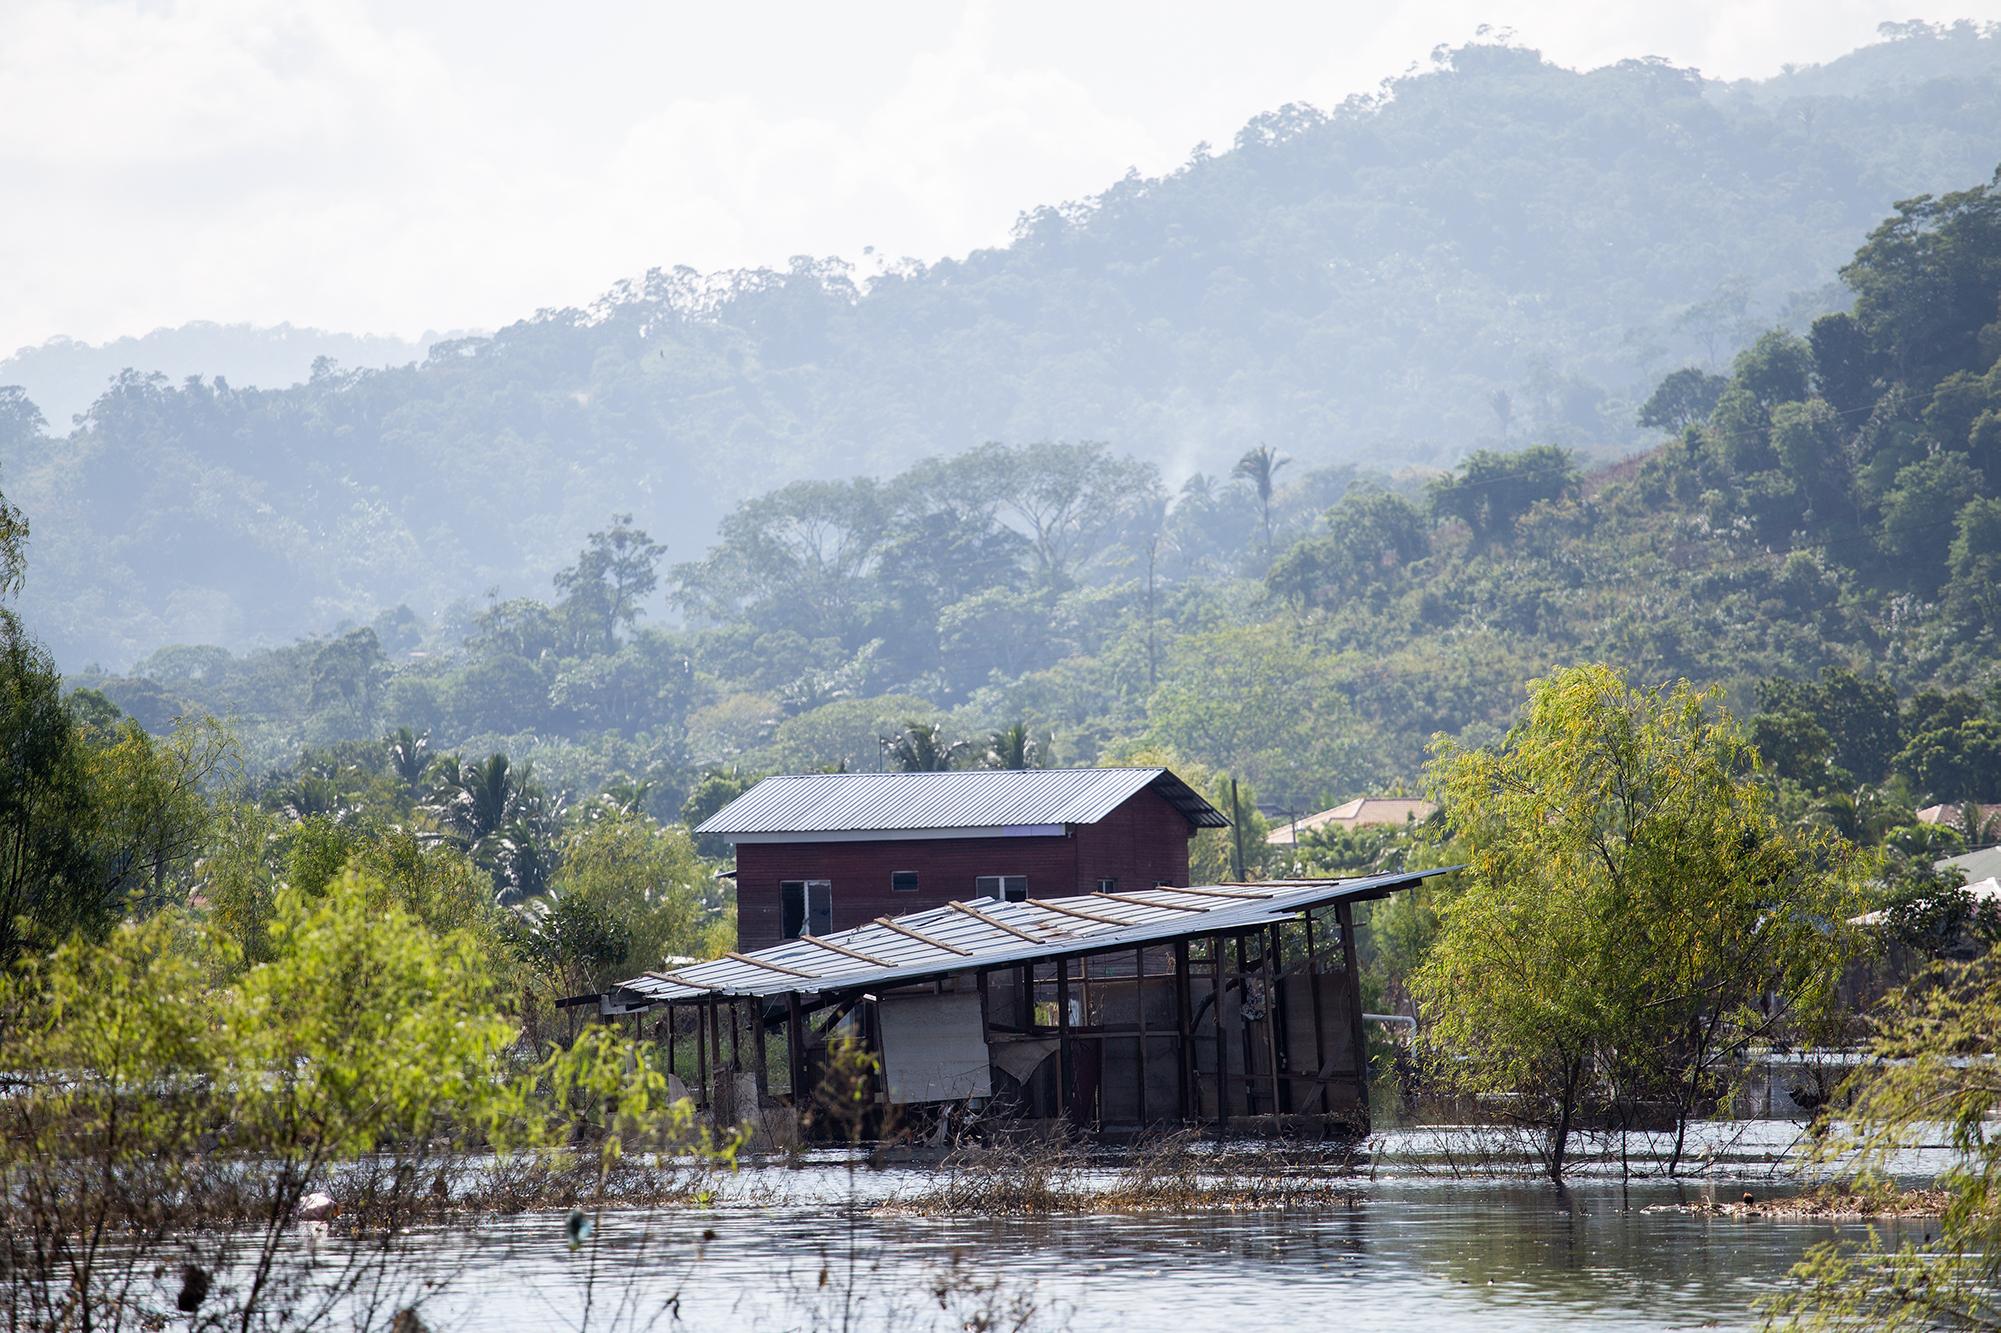 Debido a las lluvias provocadas por la tormenta tropical Eta, muchas casas a lo largo del río Chamelecón resultaron inundadas. Baracoa, Cortés, 15 de noviembre de 2020. Foto: Martín Cálix.